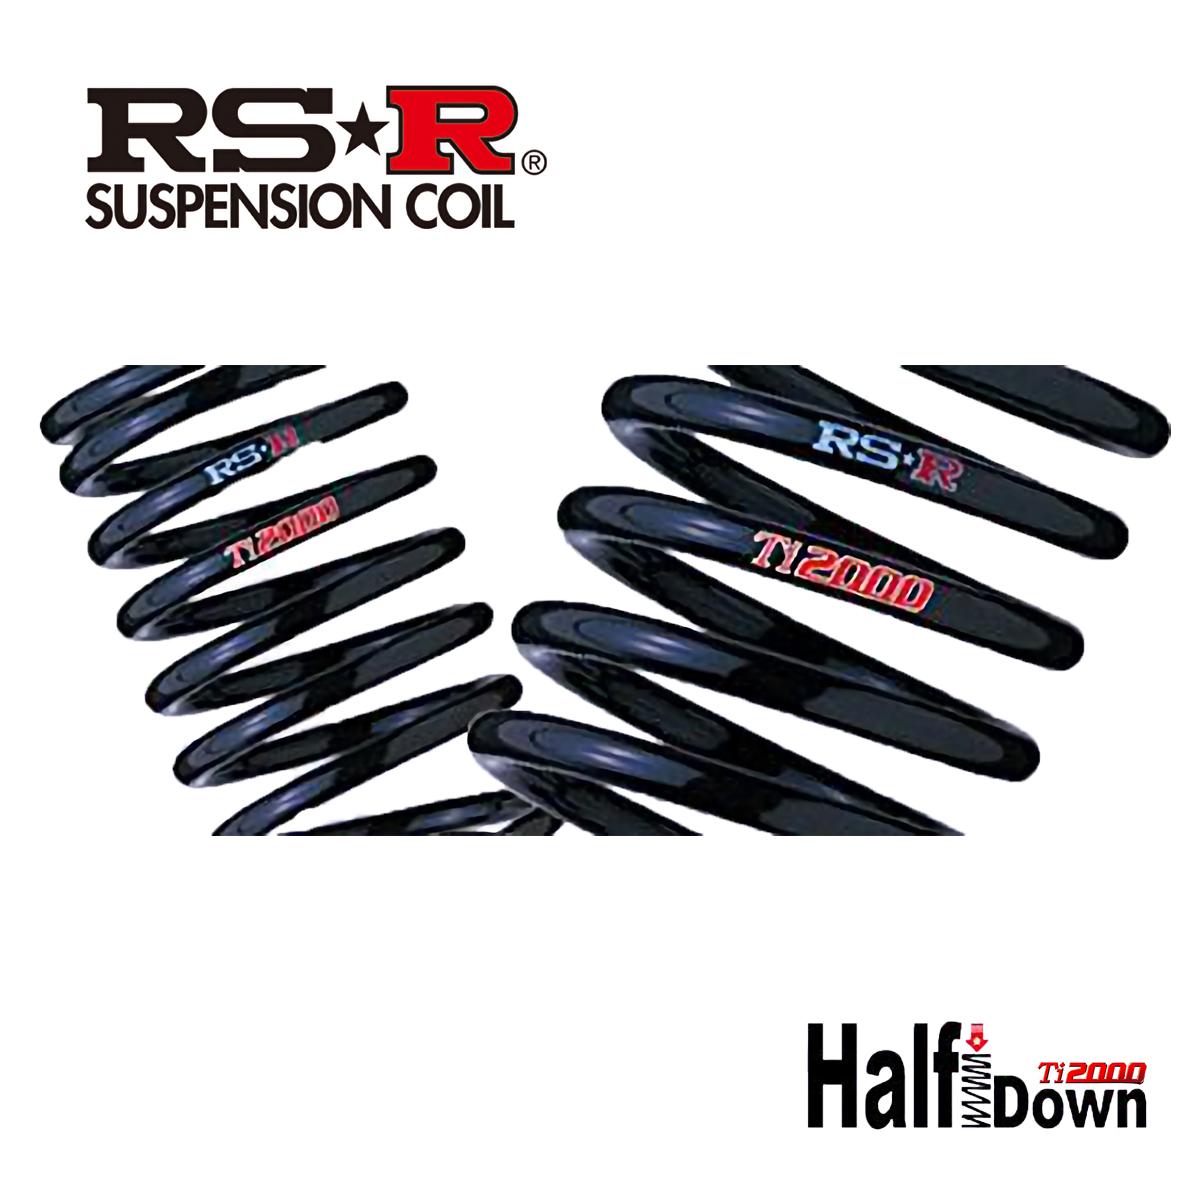 RS-R カムリ ハイブリッド Gパッケージ・プレミアムブラック AVV50 ダウンサス スプリング リアのみ T268TDR Ti2000 ダウン RSR 個人宅発送追金有